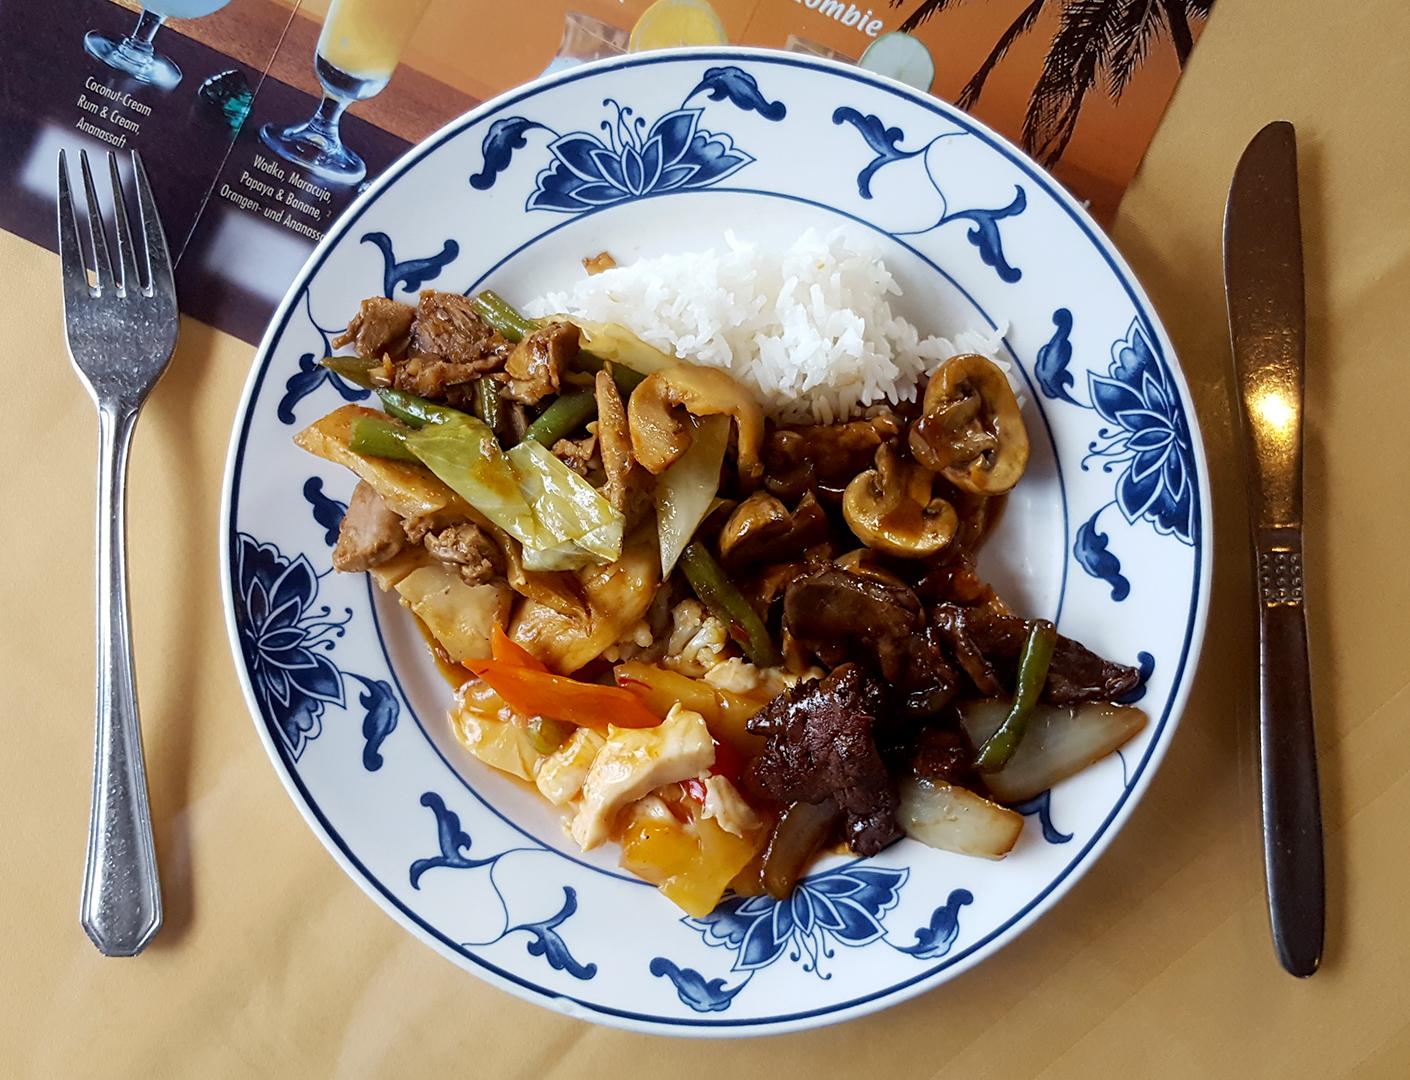 Abendessen - asiatische Spezialitäten